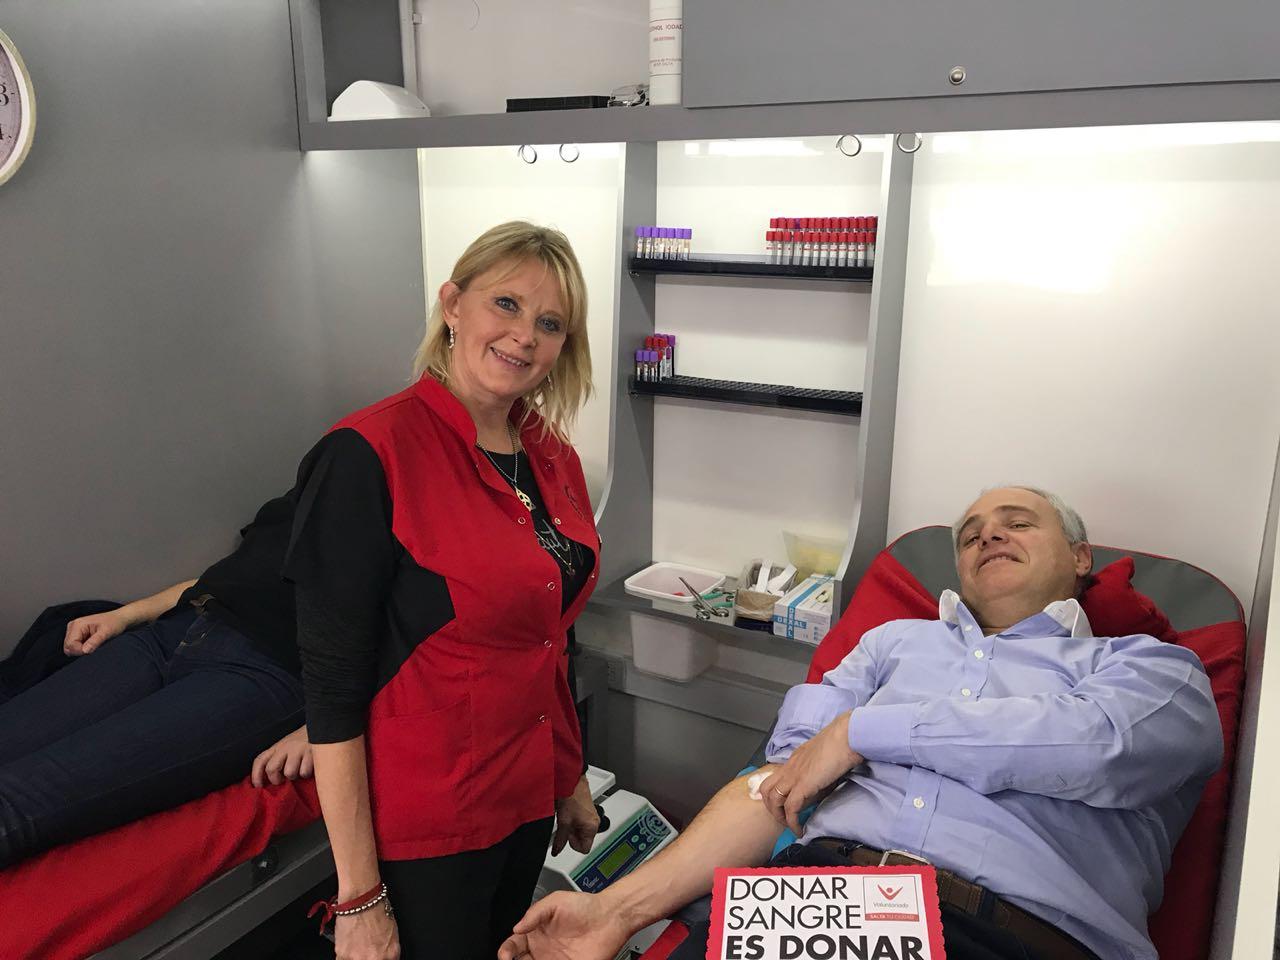 Matias Canepa, exhortó a ser donantes voluntarios de sangre